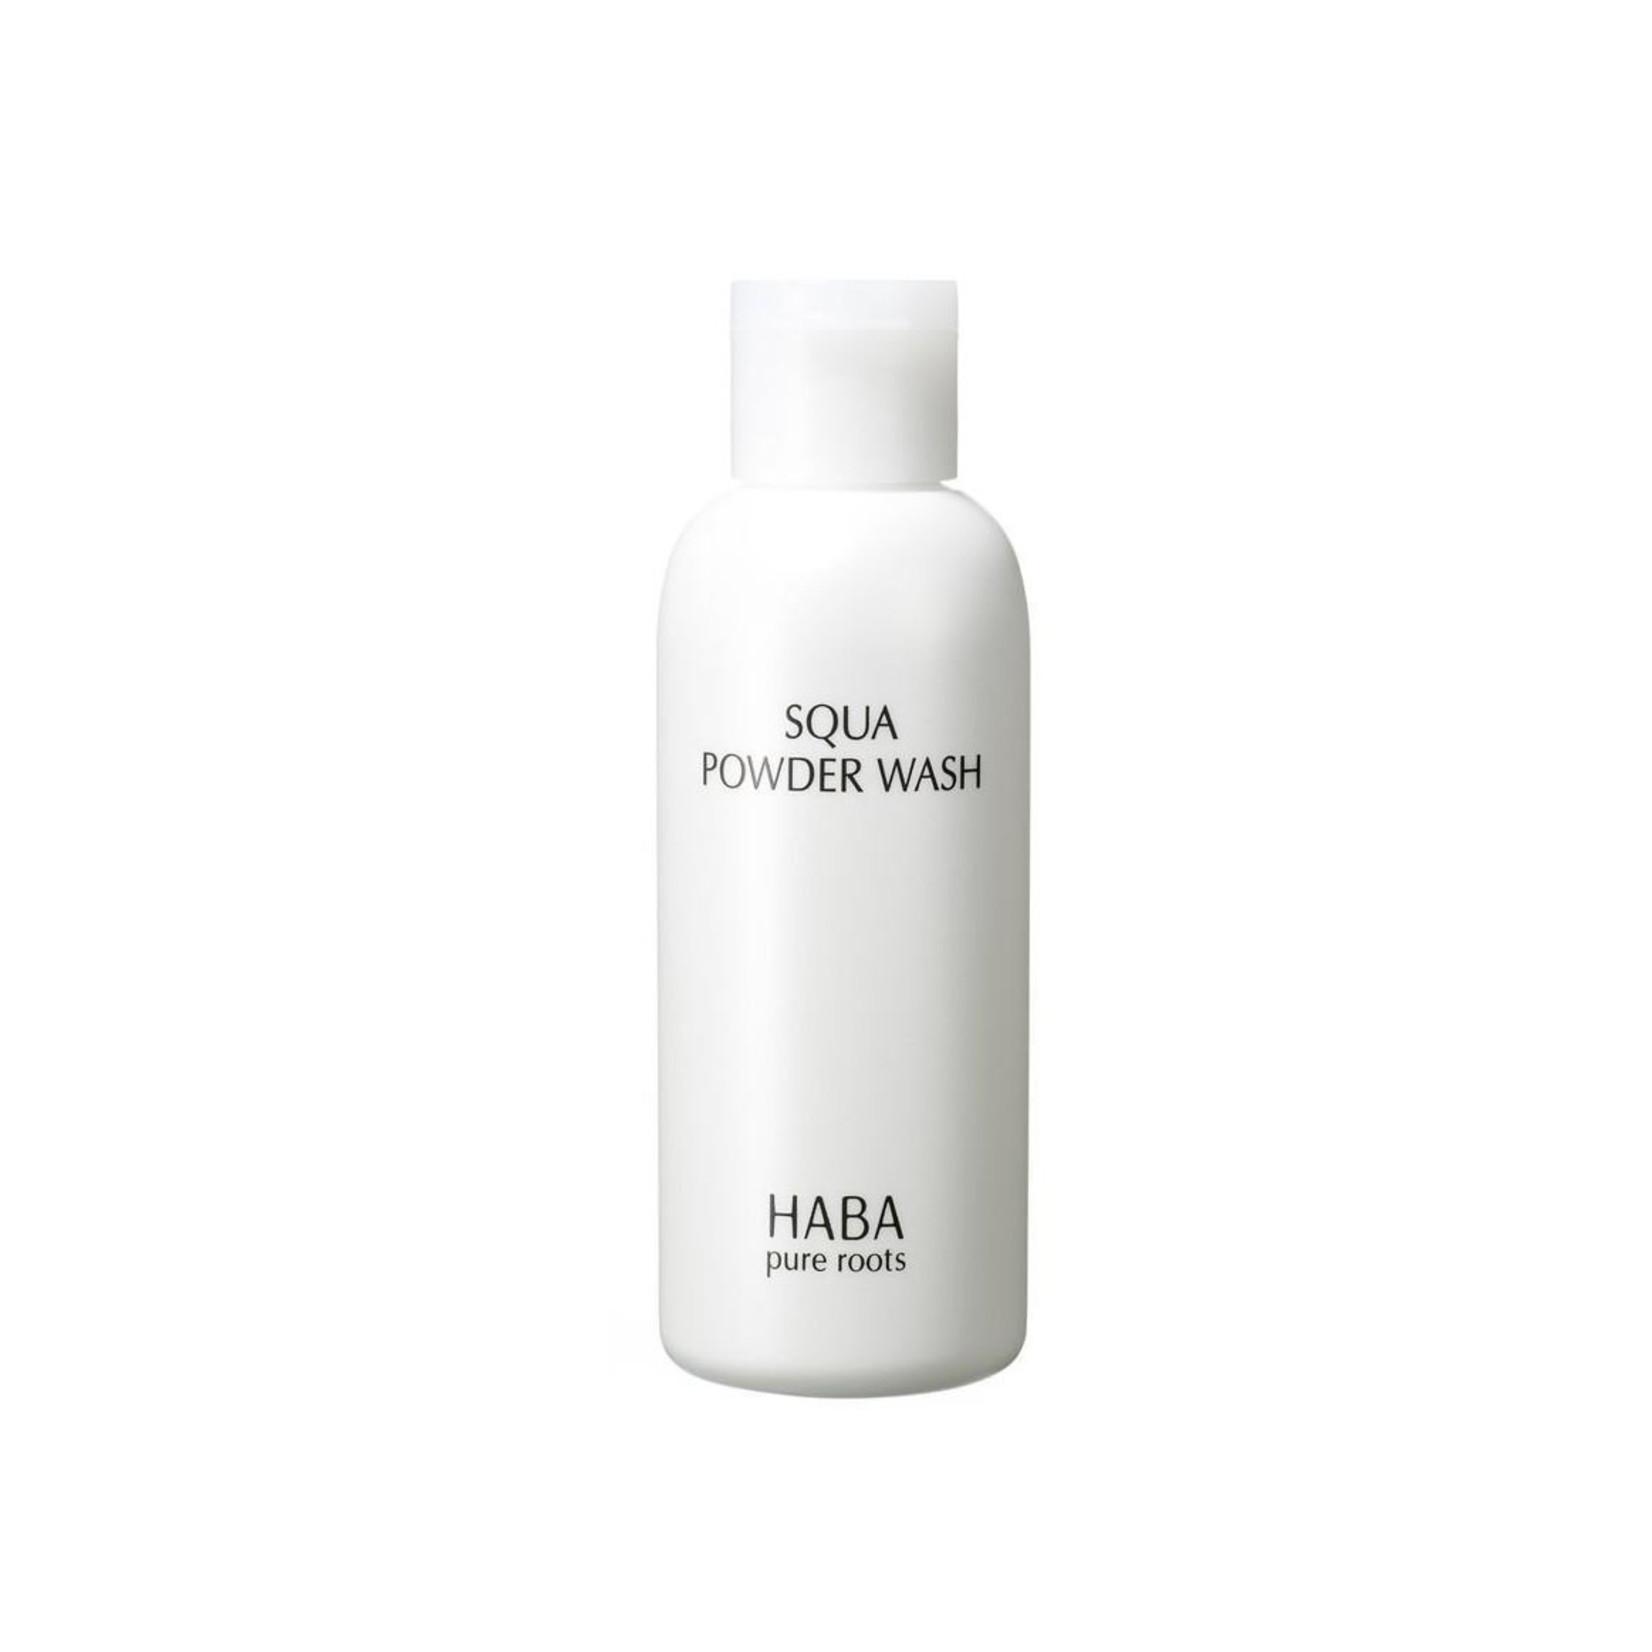 HABA Haba Squa Powder Wash